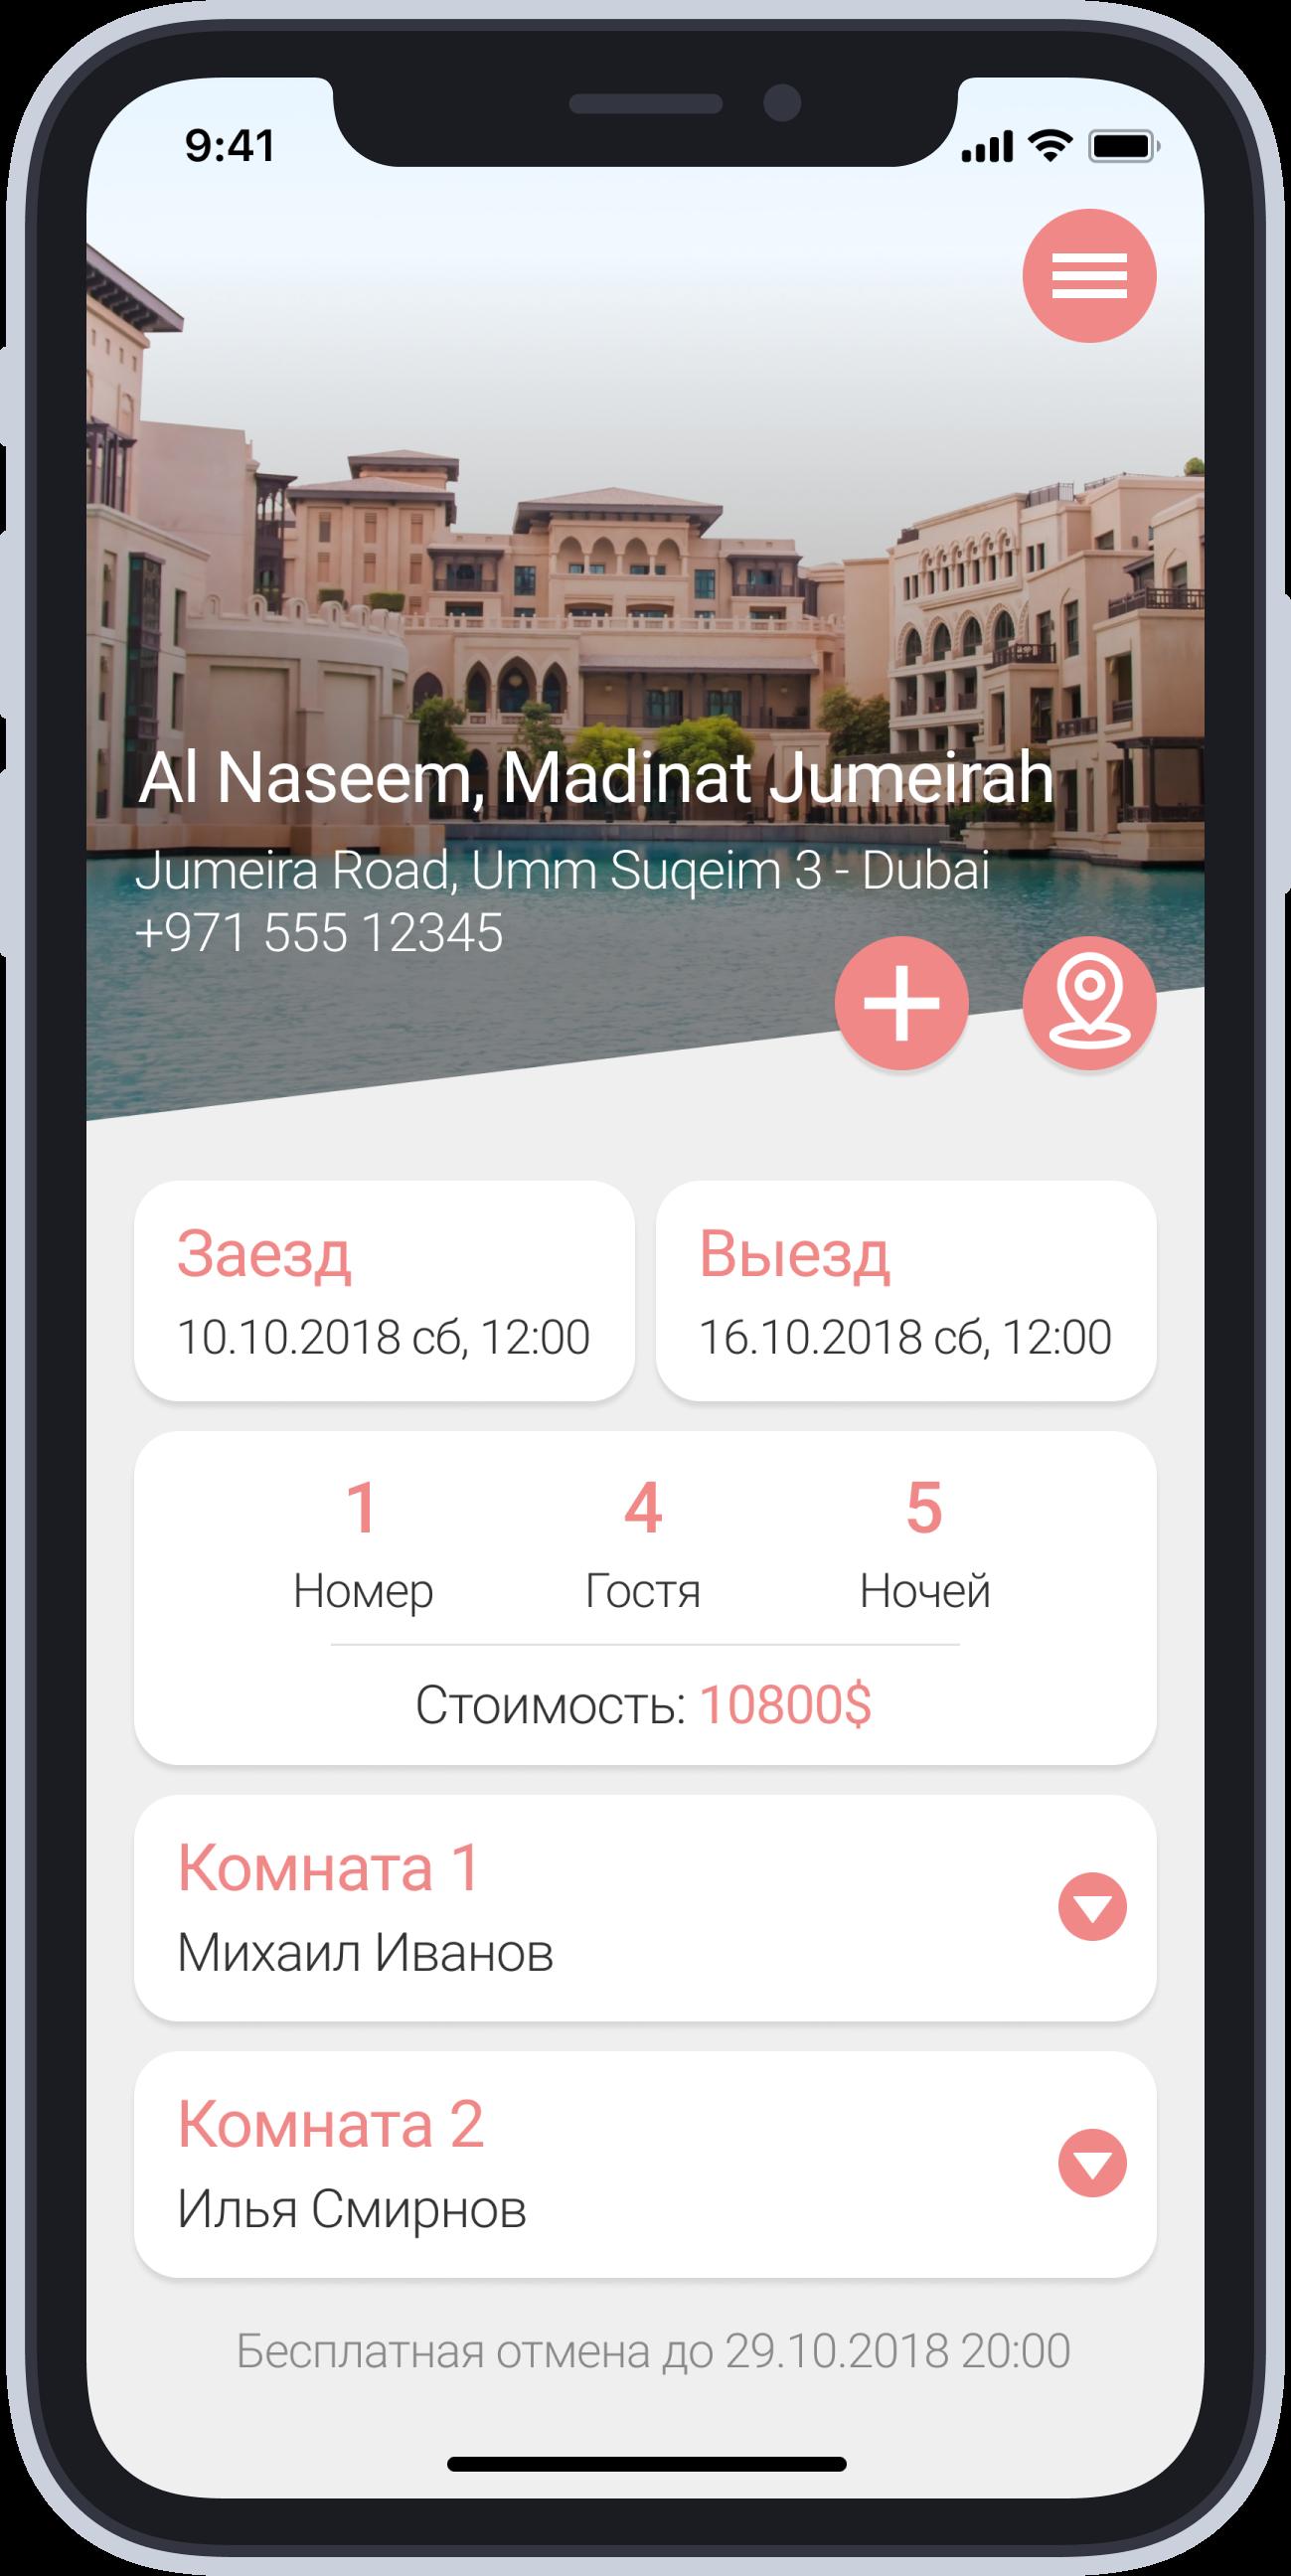 Дизайн 1 экрана для приложения фото f_9725bbf411092b48.png